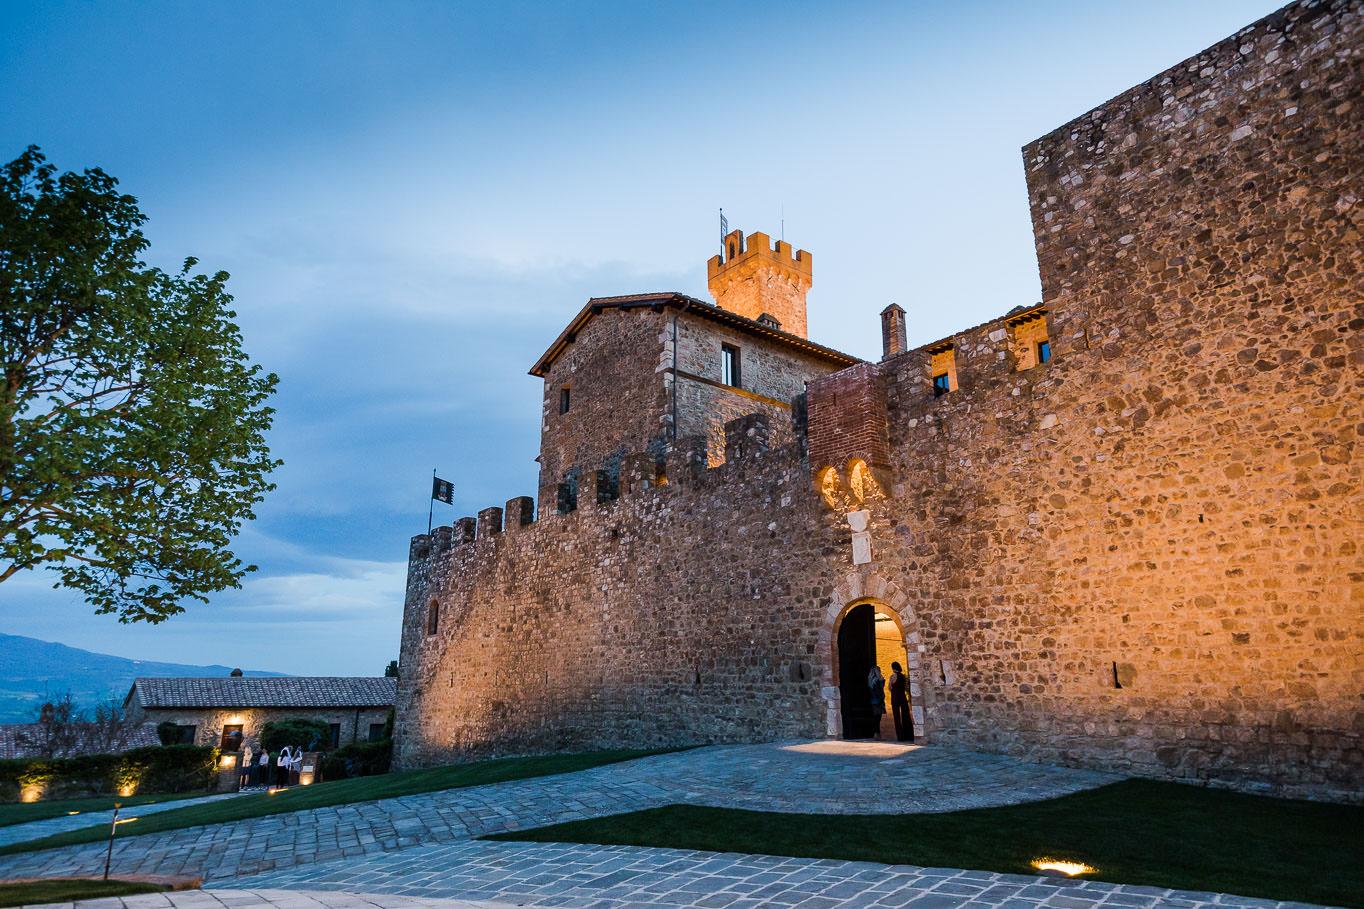 exterior castello banfi montalcino wedding